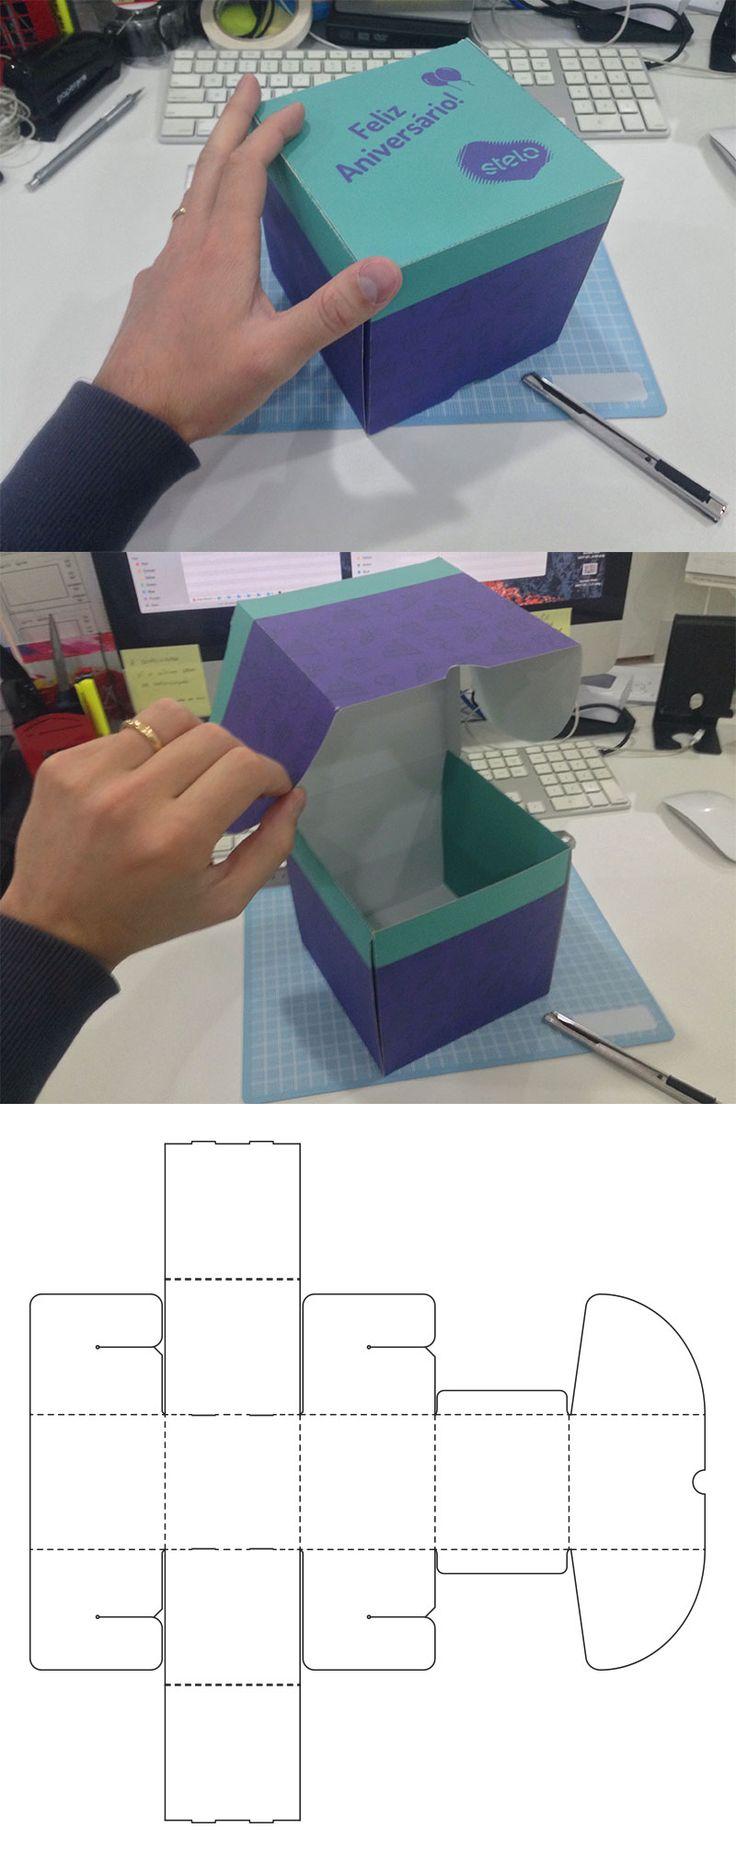 Cubo caixa presente com travas de encaixe.